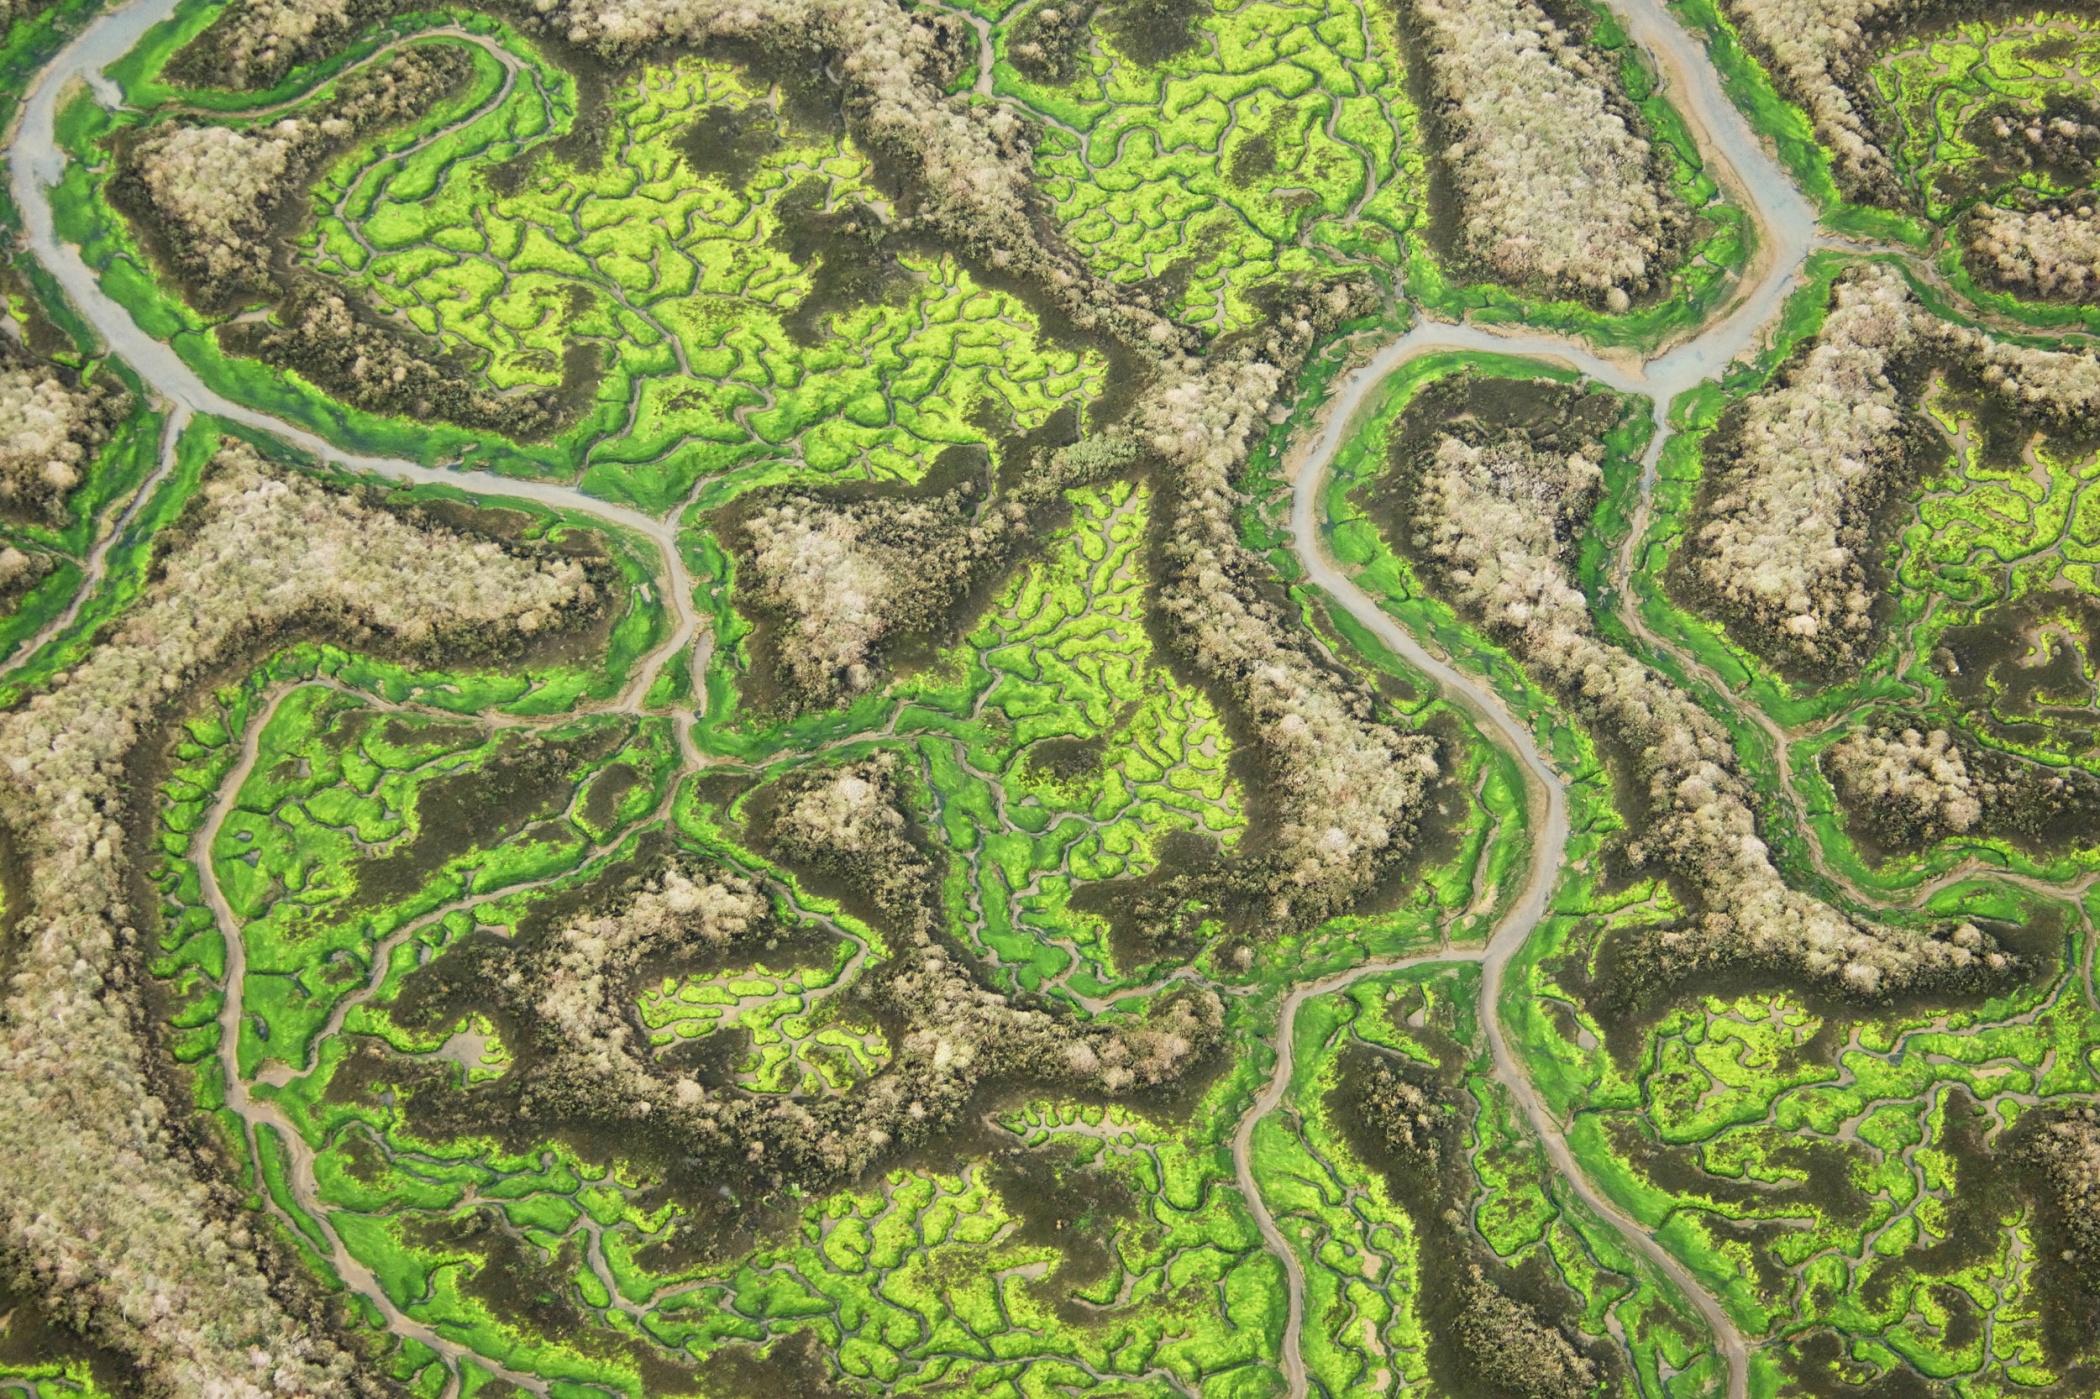 Isla de Enmedio - Volaverunt - Hector Garrido, Aerial and human photography